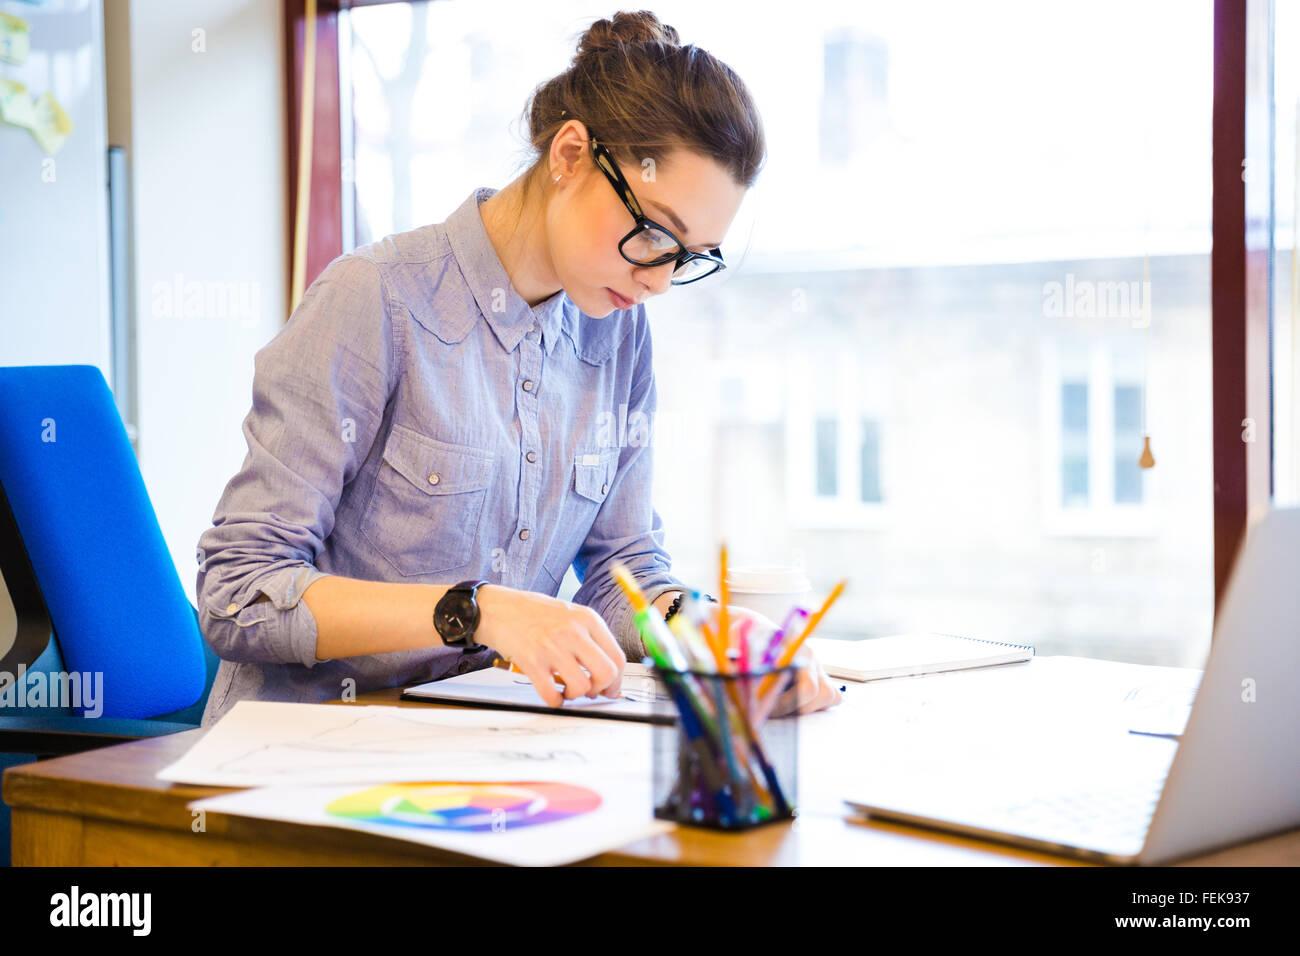 Concentré de jolies jeunes femme Fashion designer assis et croquis dessin in office Photo Stock